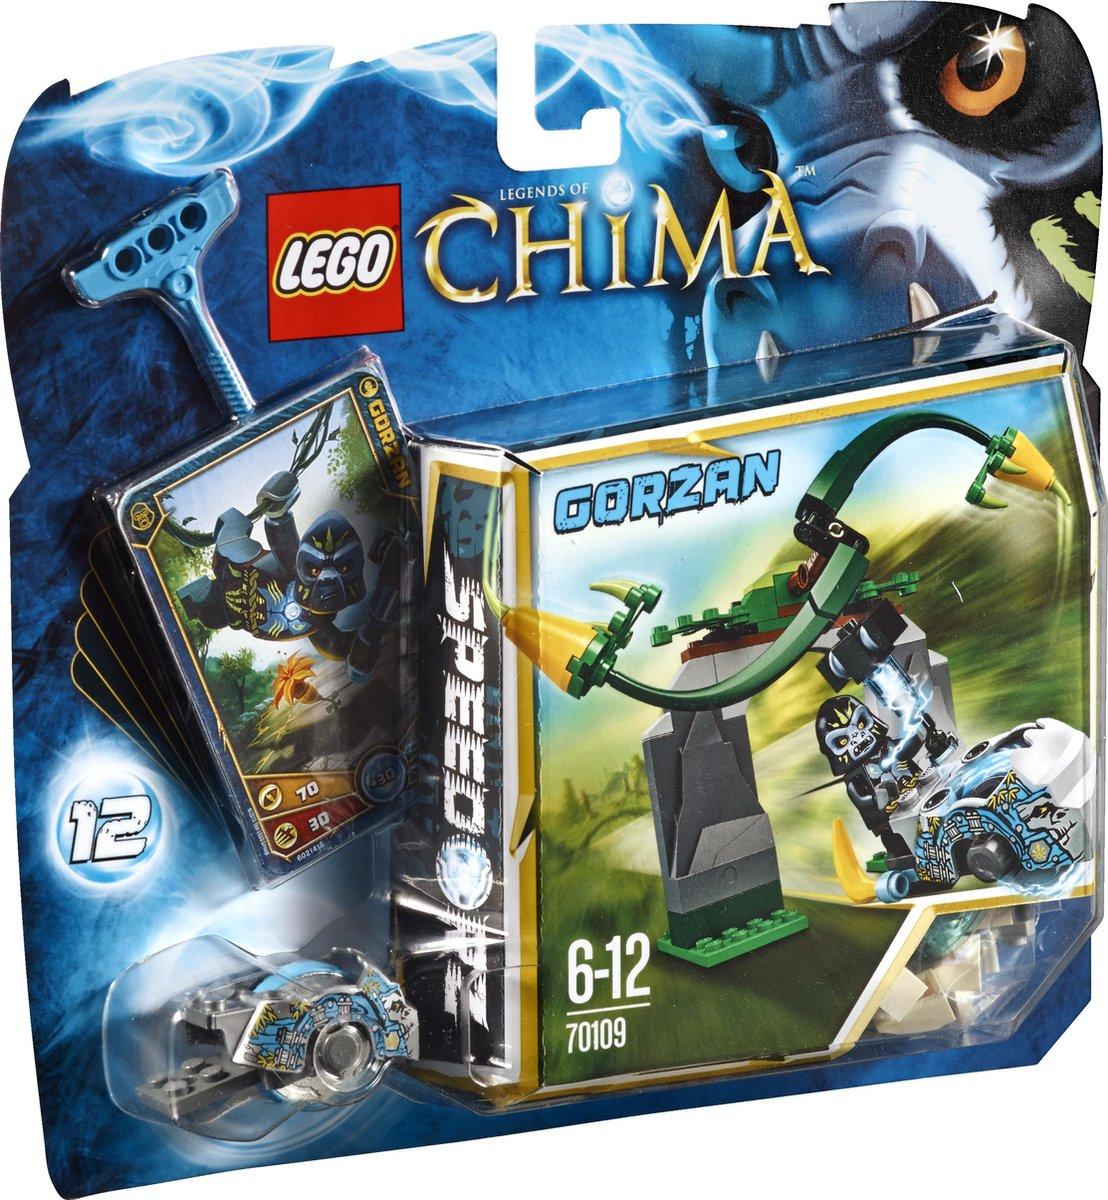 LEGO Chima Slingerplanten - 70109